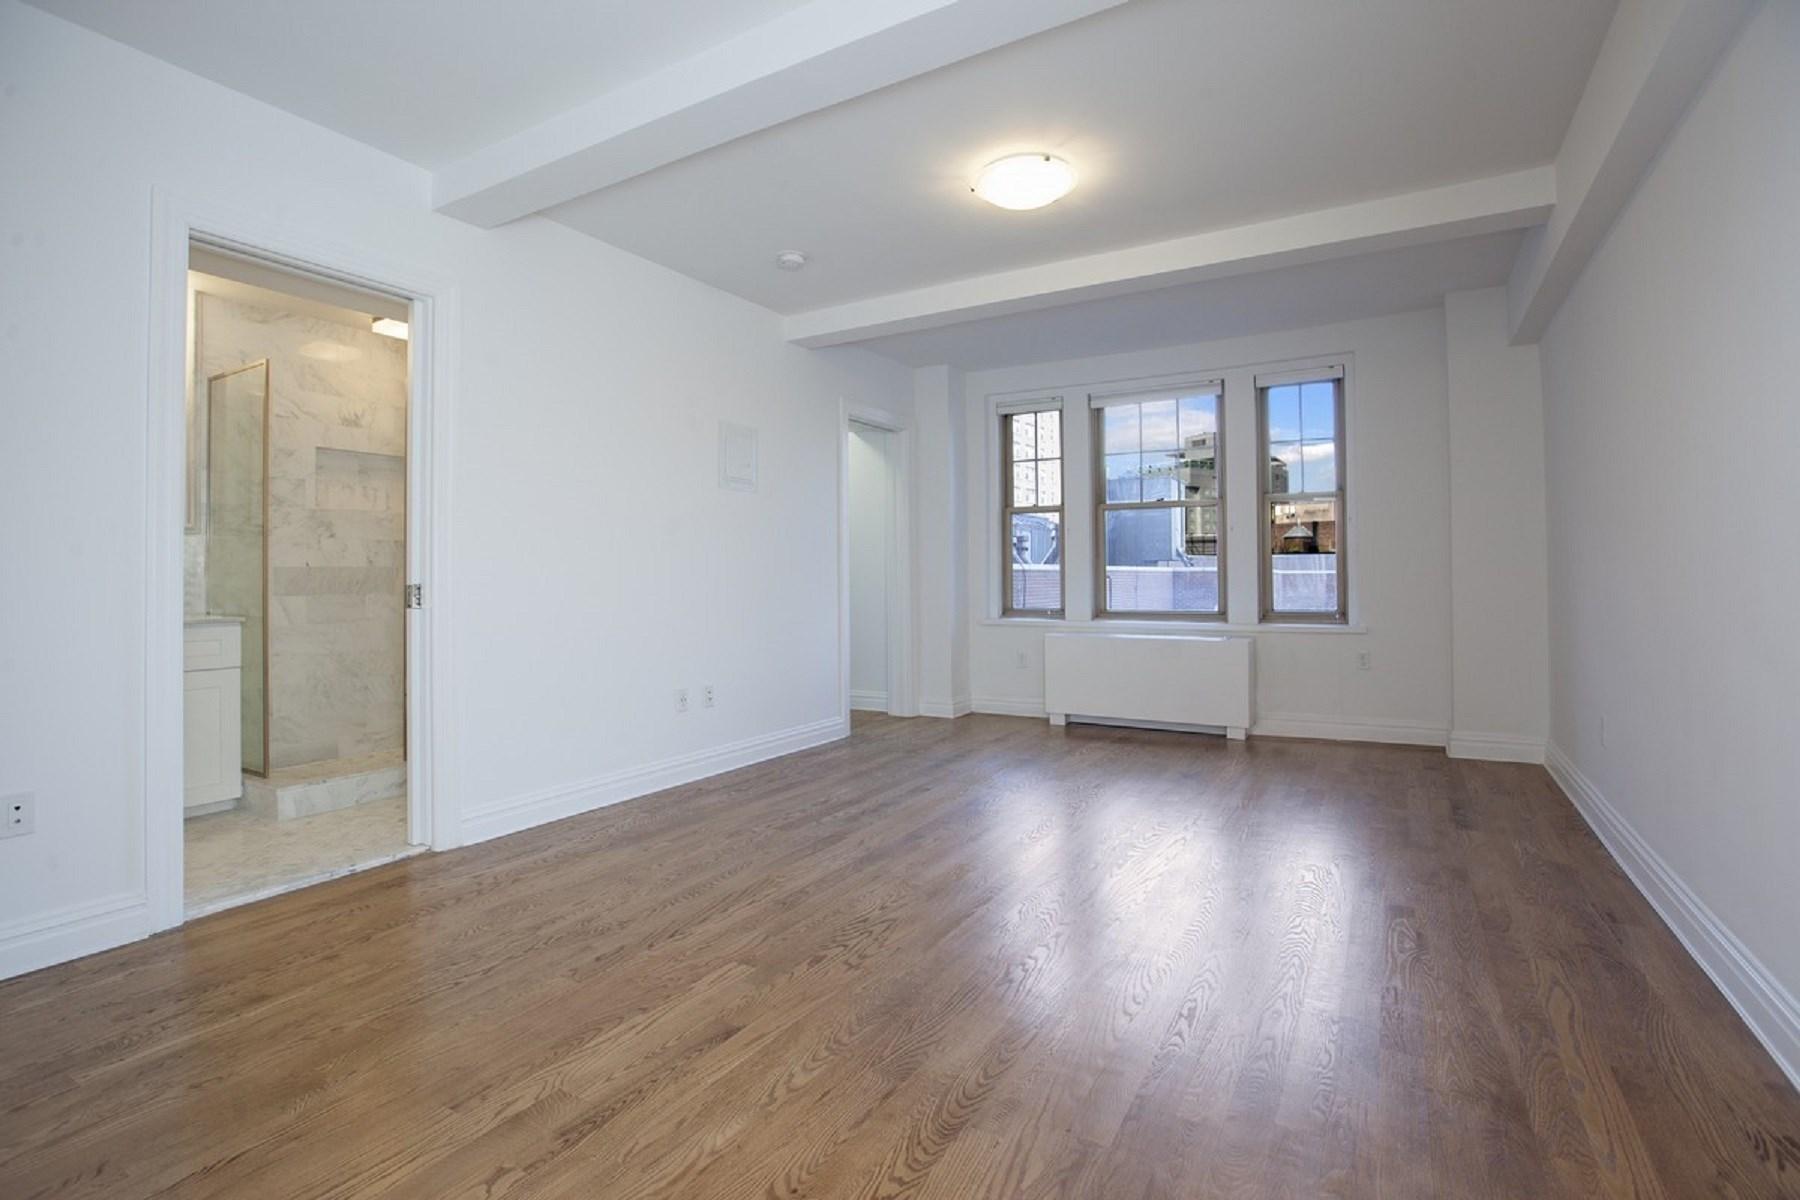 Nhà chung cư vì Bán tại 299 West 12th Street, Apt. 5L 299 West 12th Street Apt 5L West Village, New York, New York, 10014 Hoa Kỳ